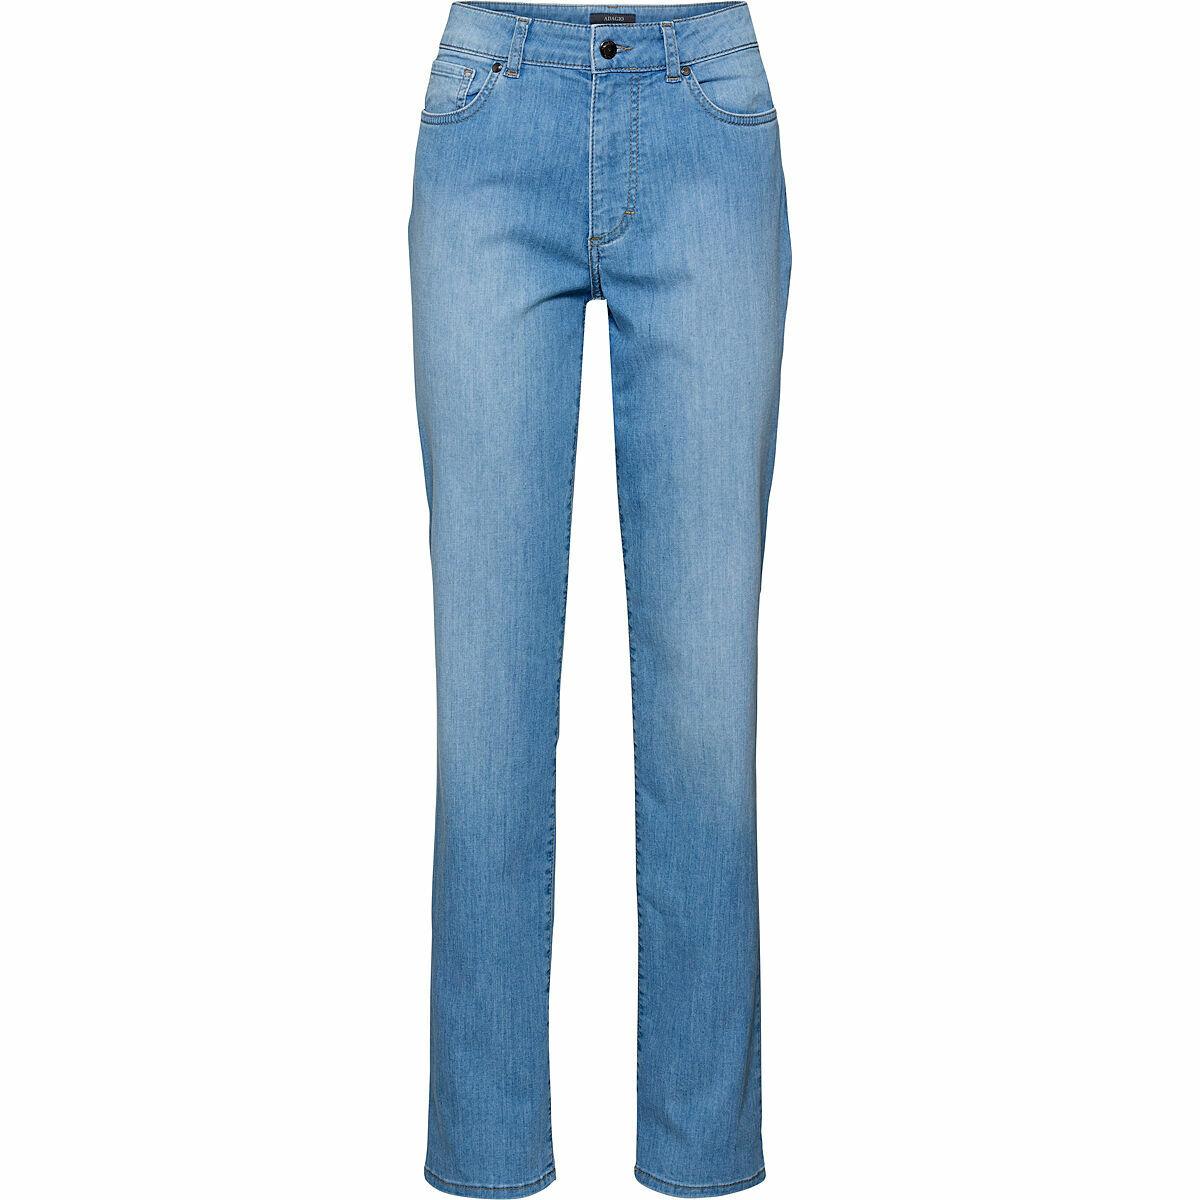 Bild 1 von Adagio Damen Jeans Straight Fit